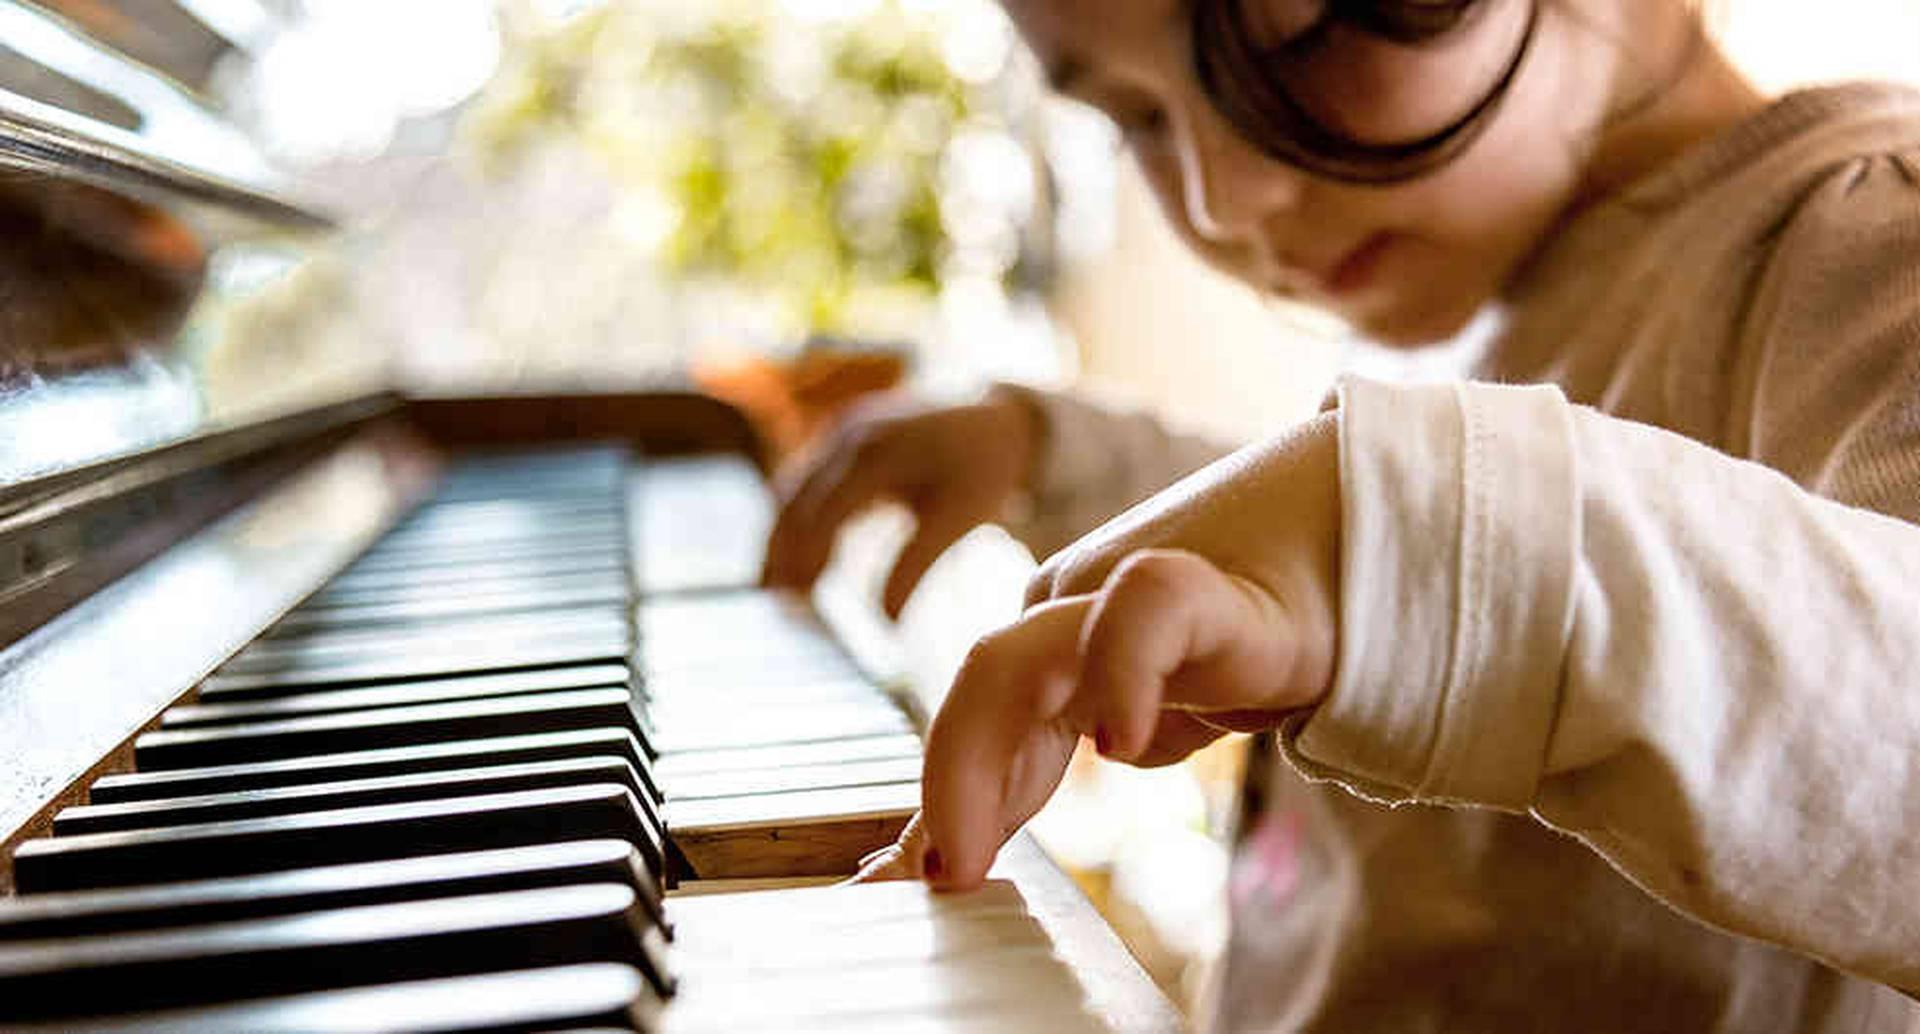 En las Escuelas de Formación Musical, los niños aprenden a tocar saxofón, trompeta, clarinete y otros instrumentos.